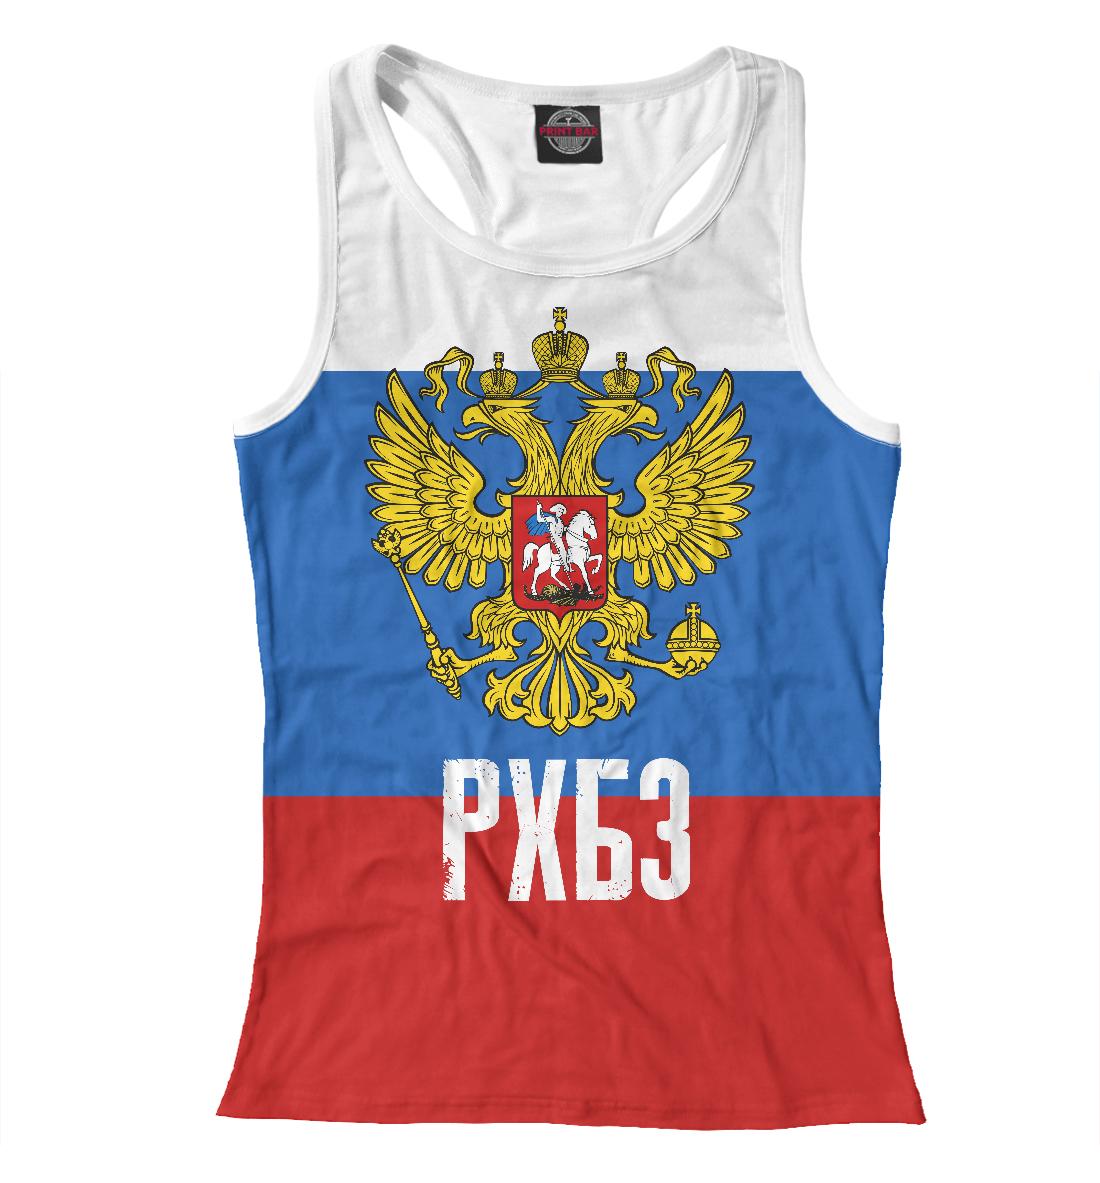 Купить РХБЗ, Printbar, Майки борцовки, RHB-671172-mayb-1